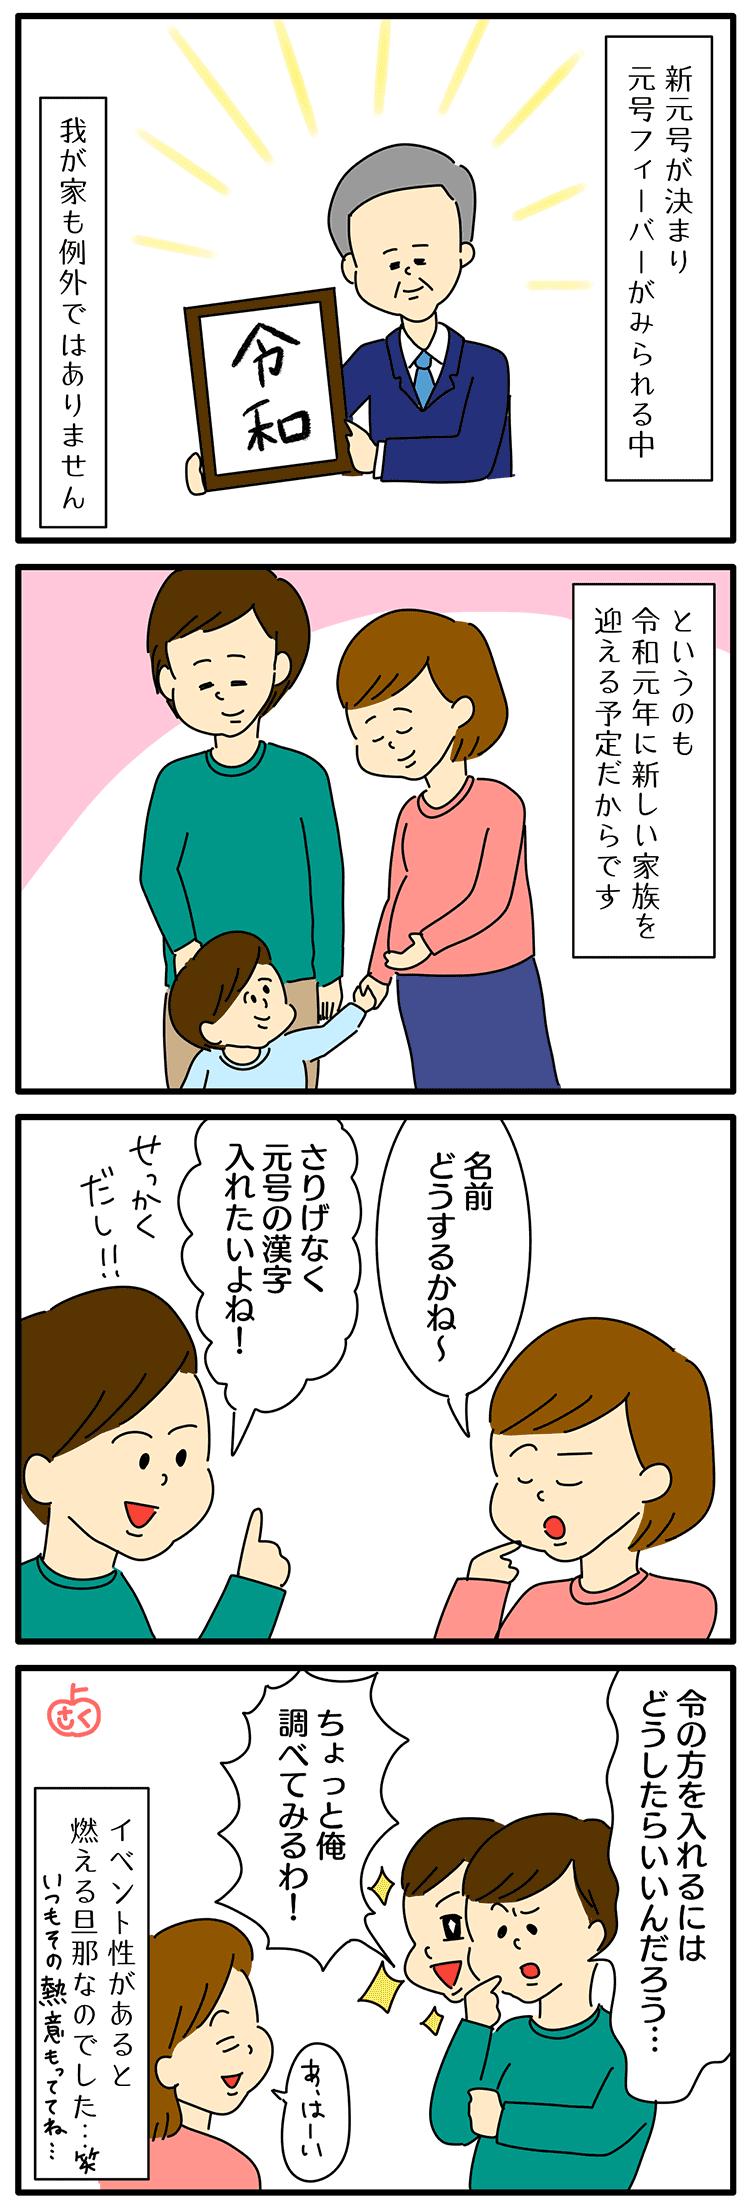 令和のつく名前についての永岡さくら(saku)さんの子育て4コマ漫画